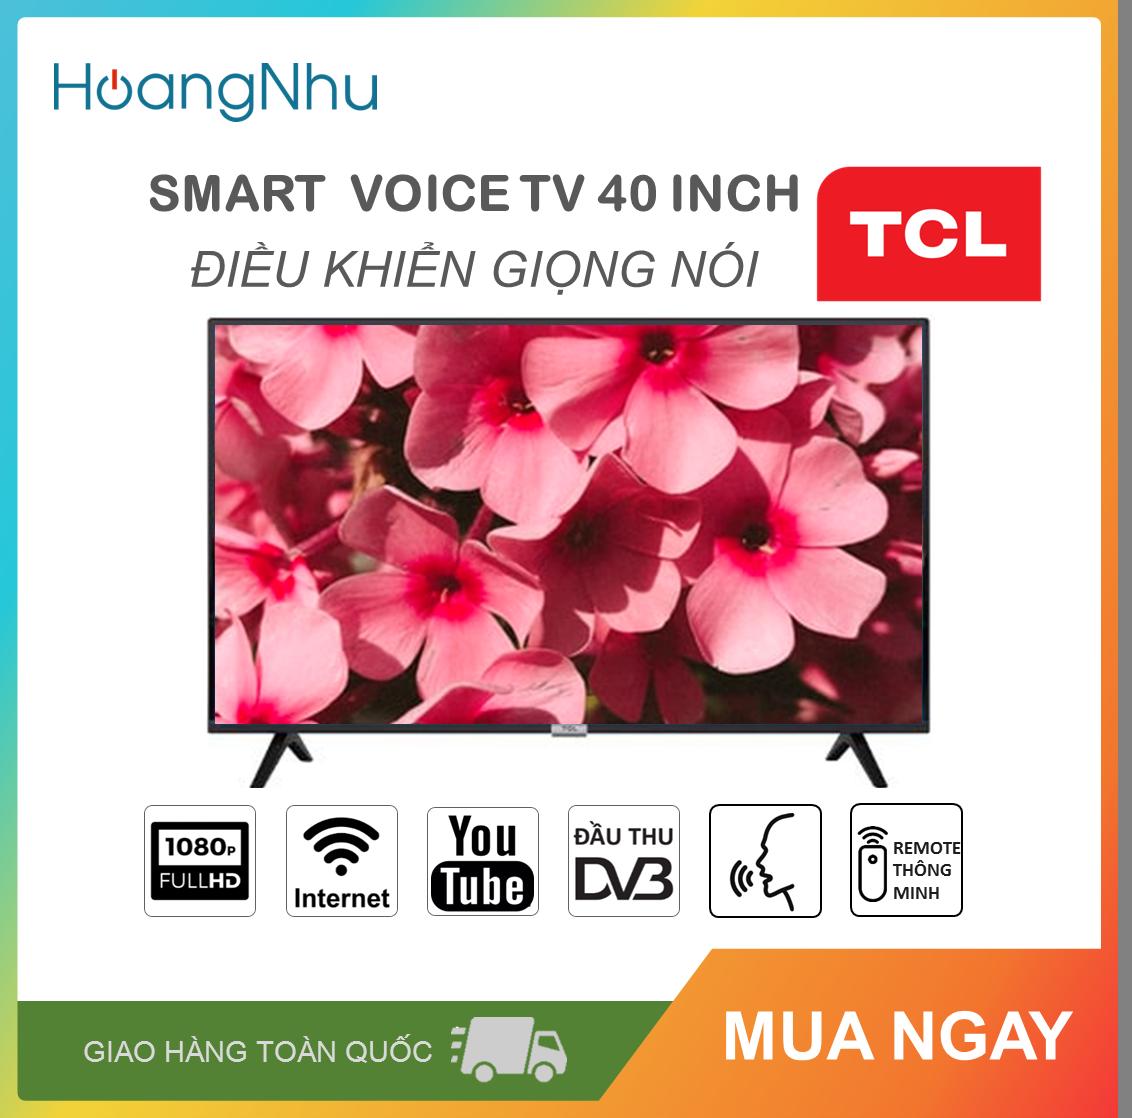 Smart Voice Tivi TCL 40 inch Kết nối Internet Wifi, Điều khiển giọng nói L40S6500 (Full HD, Android 8.0, Bluetooth, truyền hình KTS, tặng remote thông minh, màu đen)